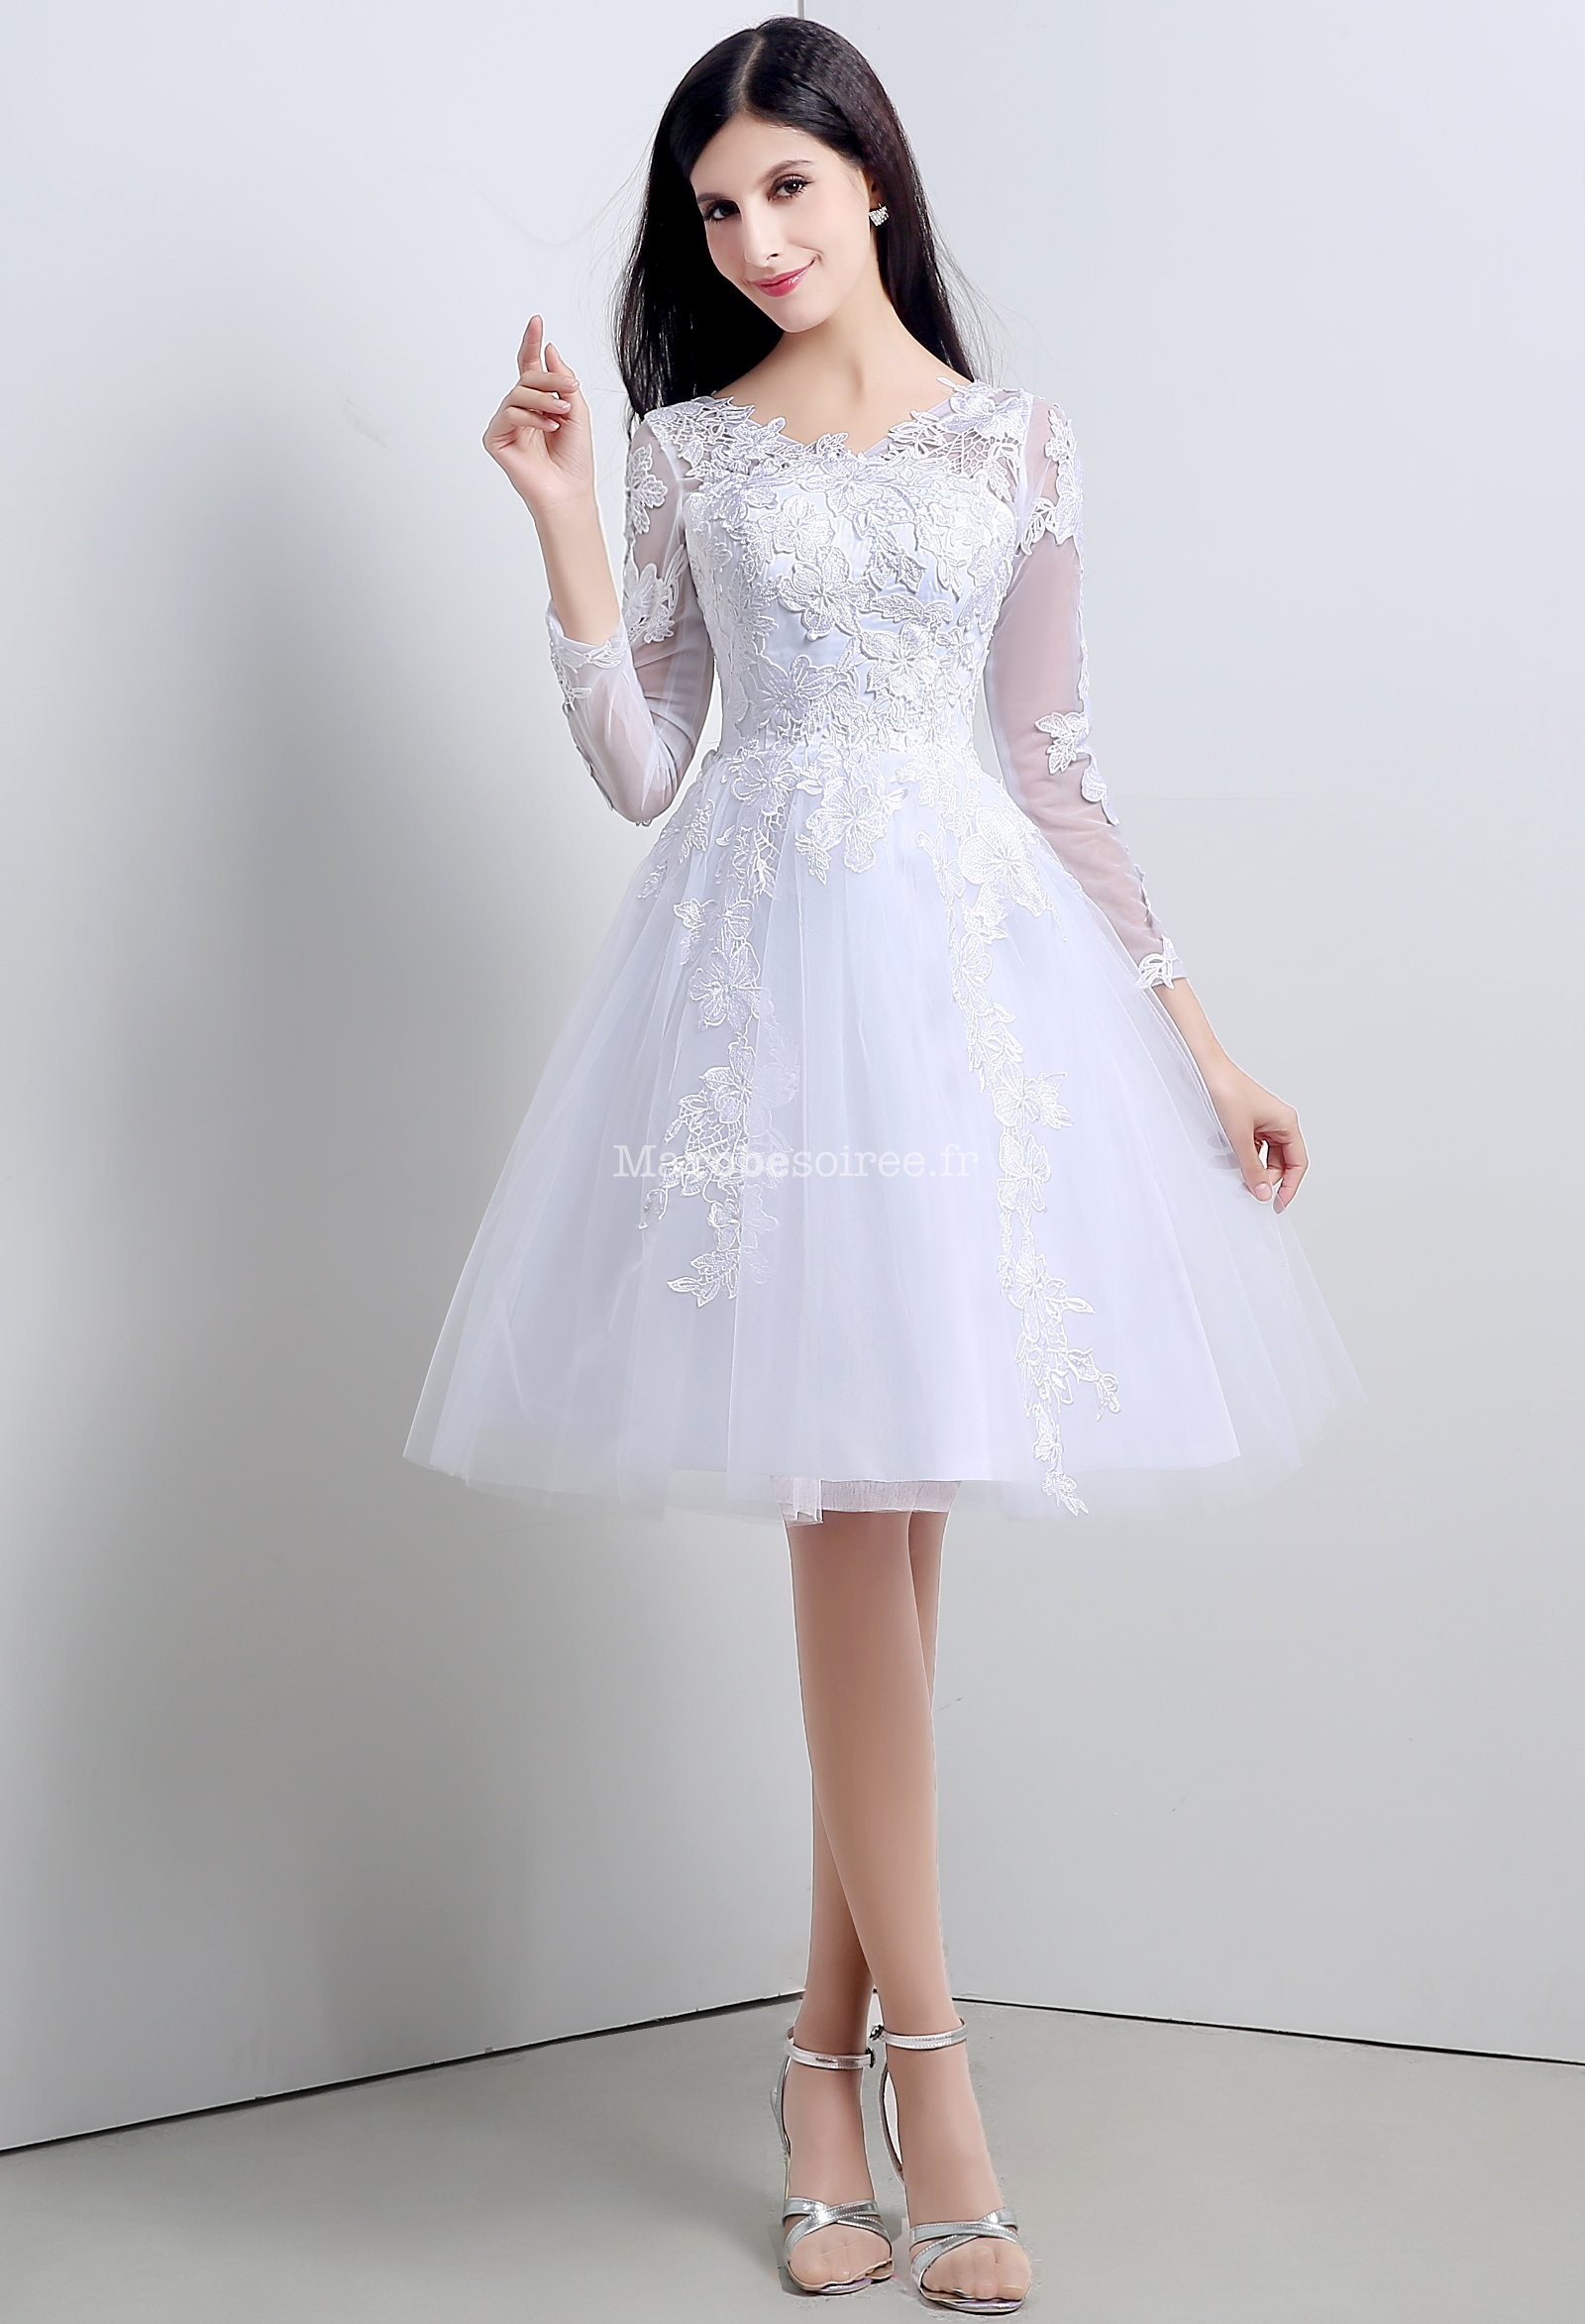 Model de reve robe dentelle